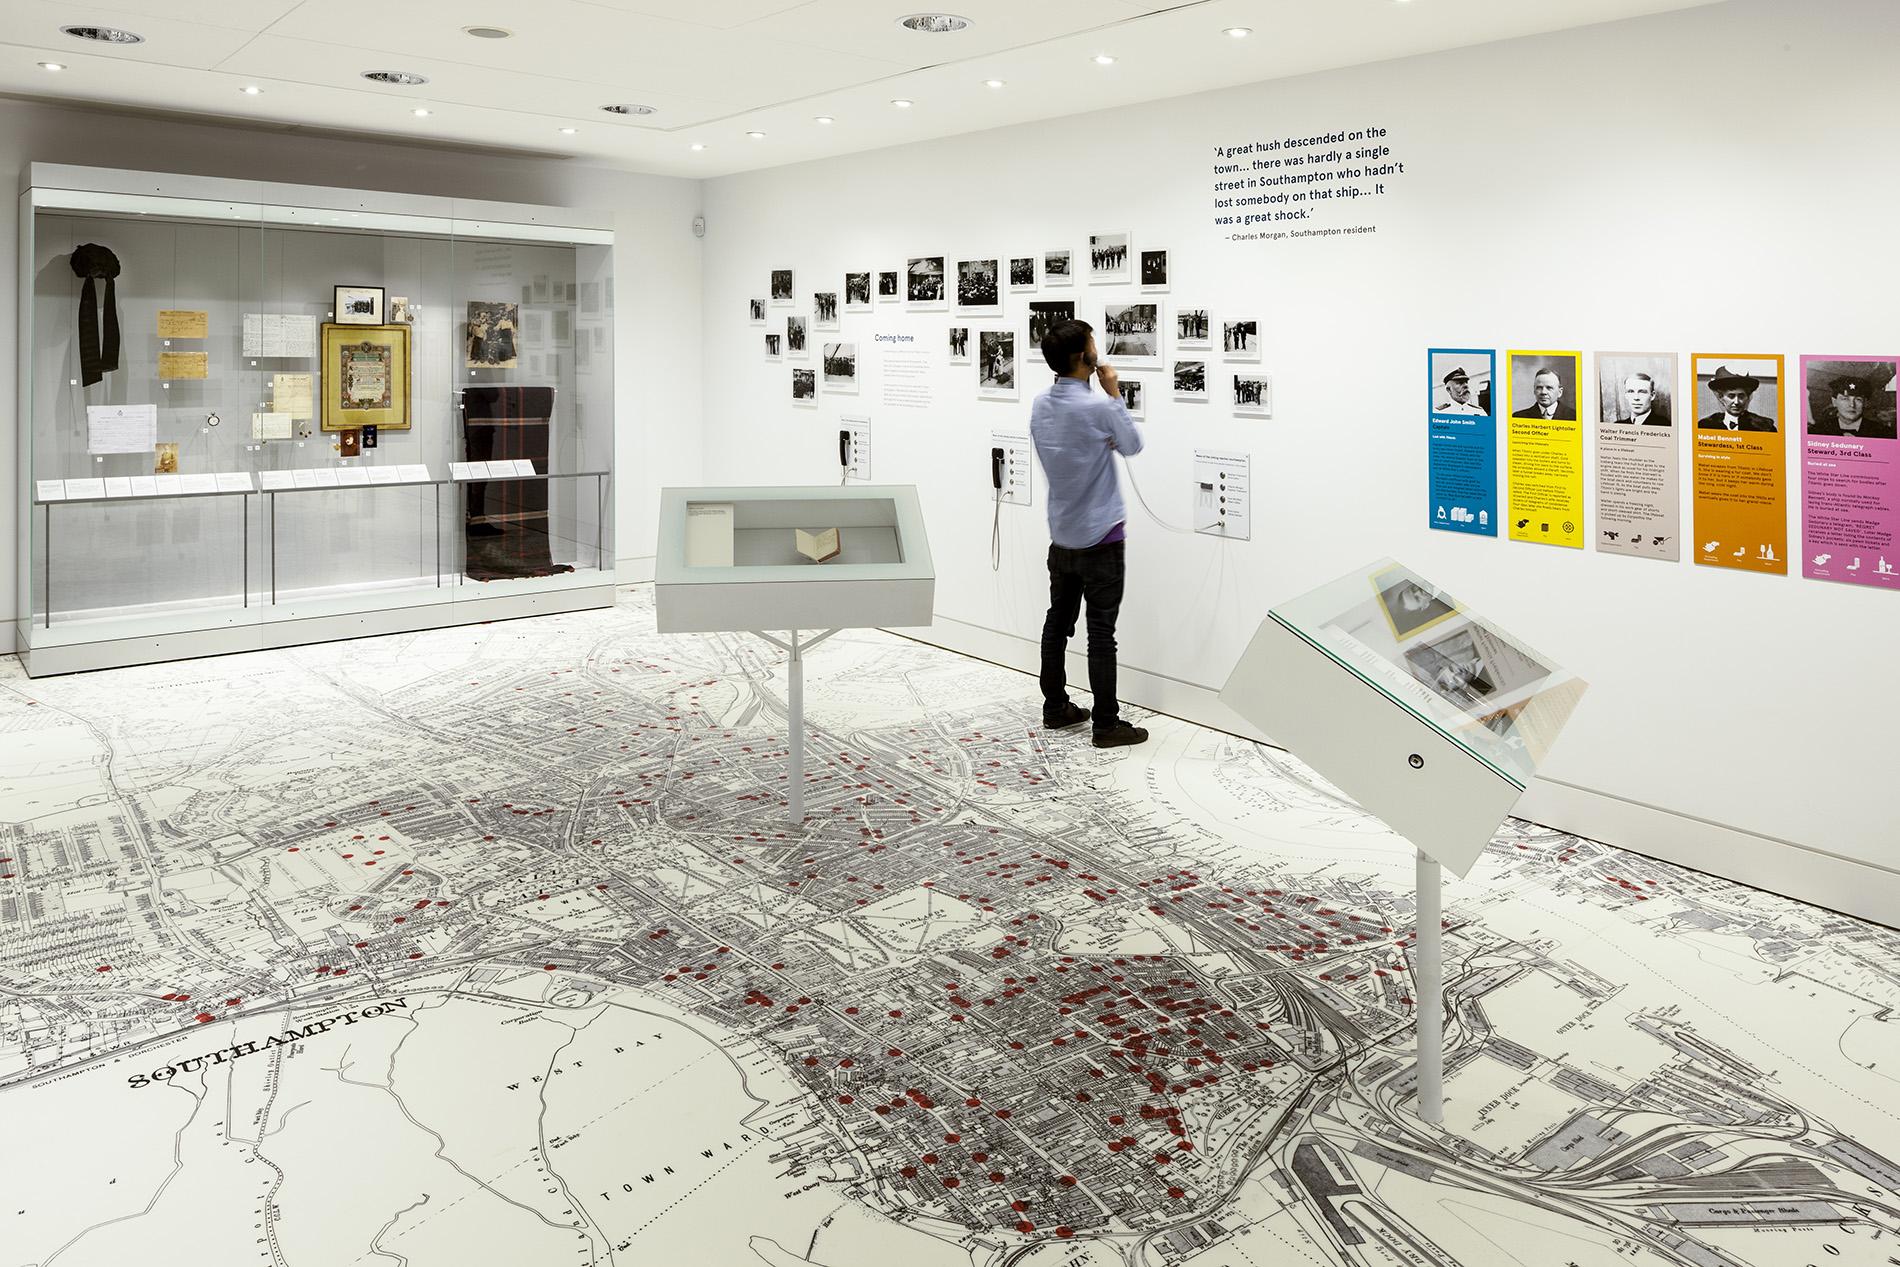 Resin floor graphics